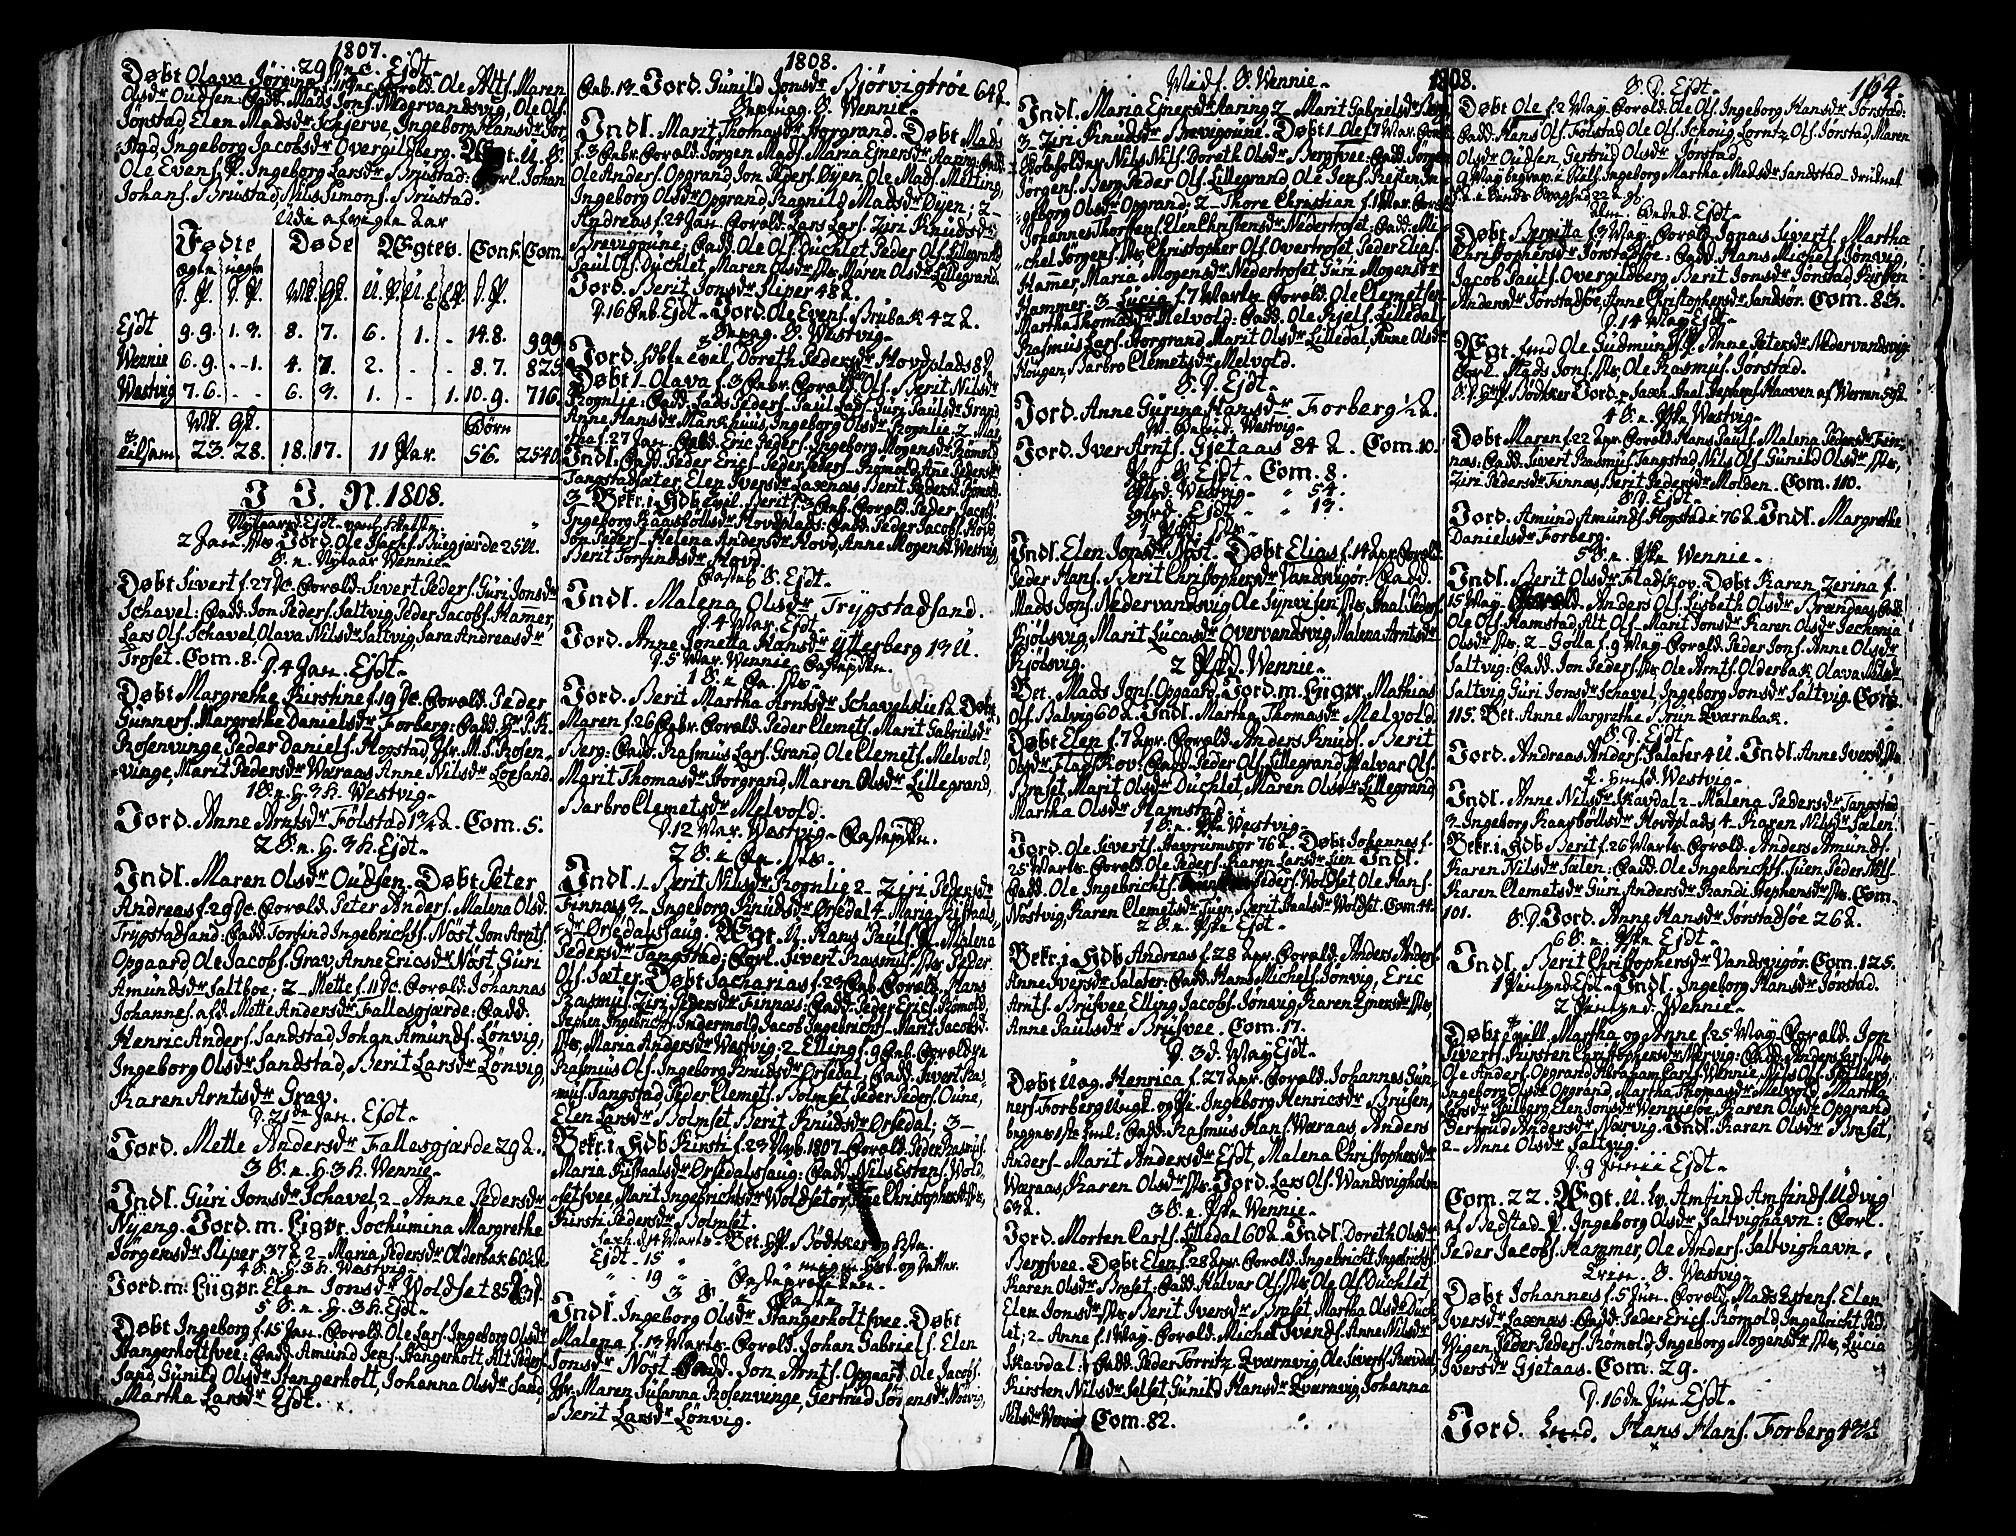 SAT, Ministerialprotokoller, klokkerbøker og fødselsregistre - Nord-Trøndelag, 722/L0216: Ministerialbok nr. 722A03, 1756-1816, s. 164